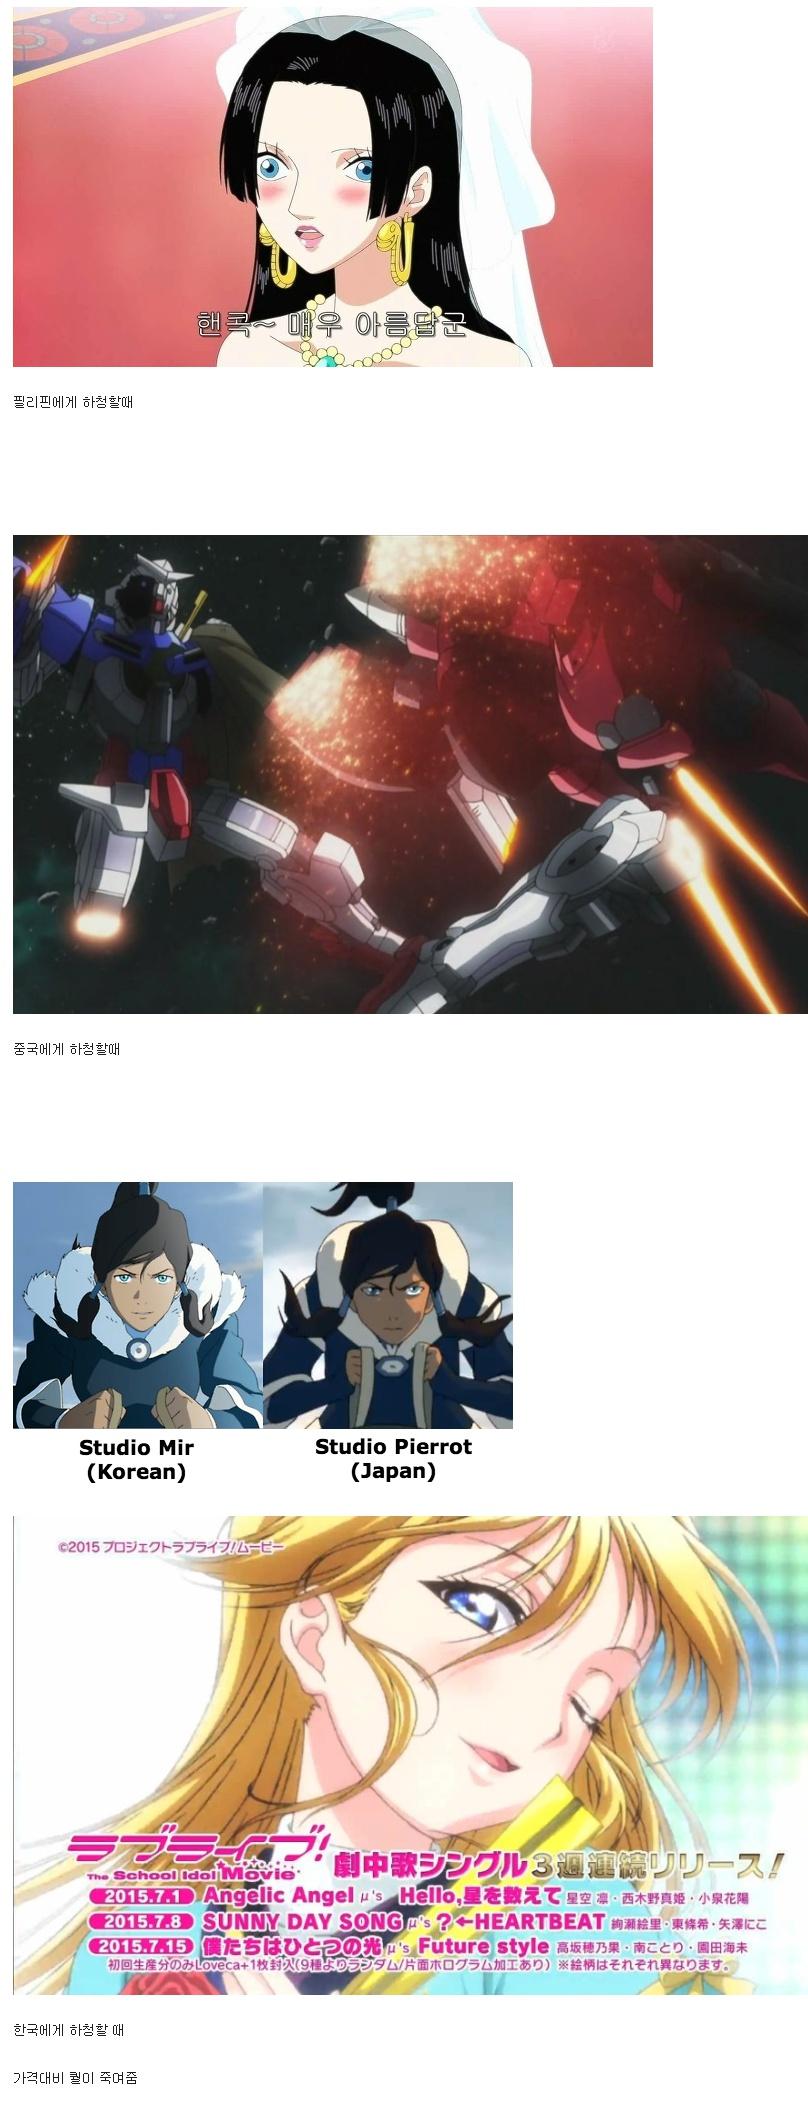 한국에 애니메이션 하청을 줄 수 밖에 없는 이유